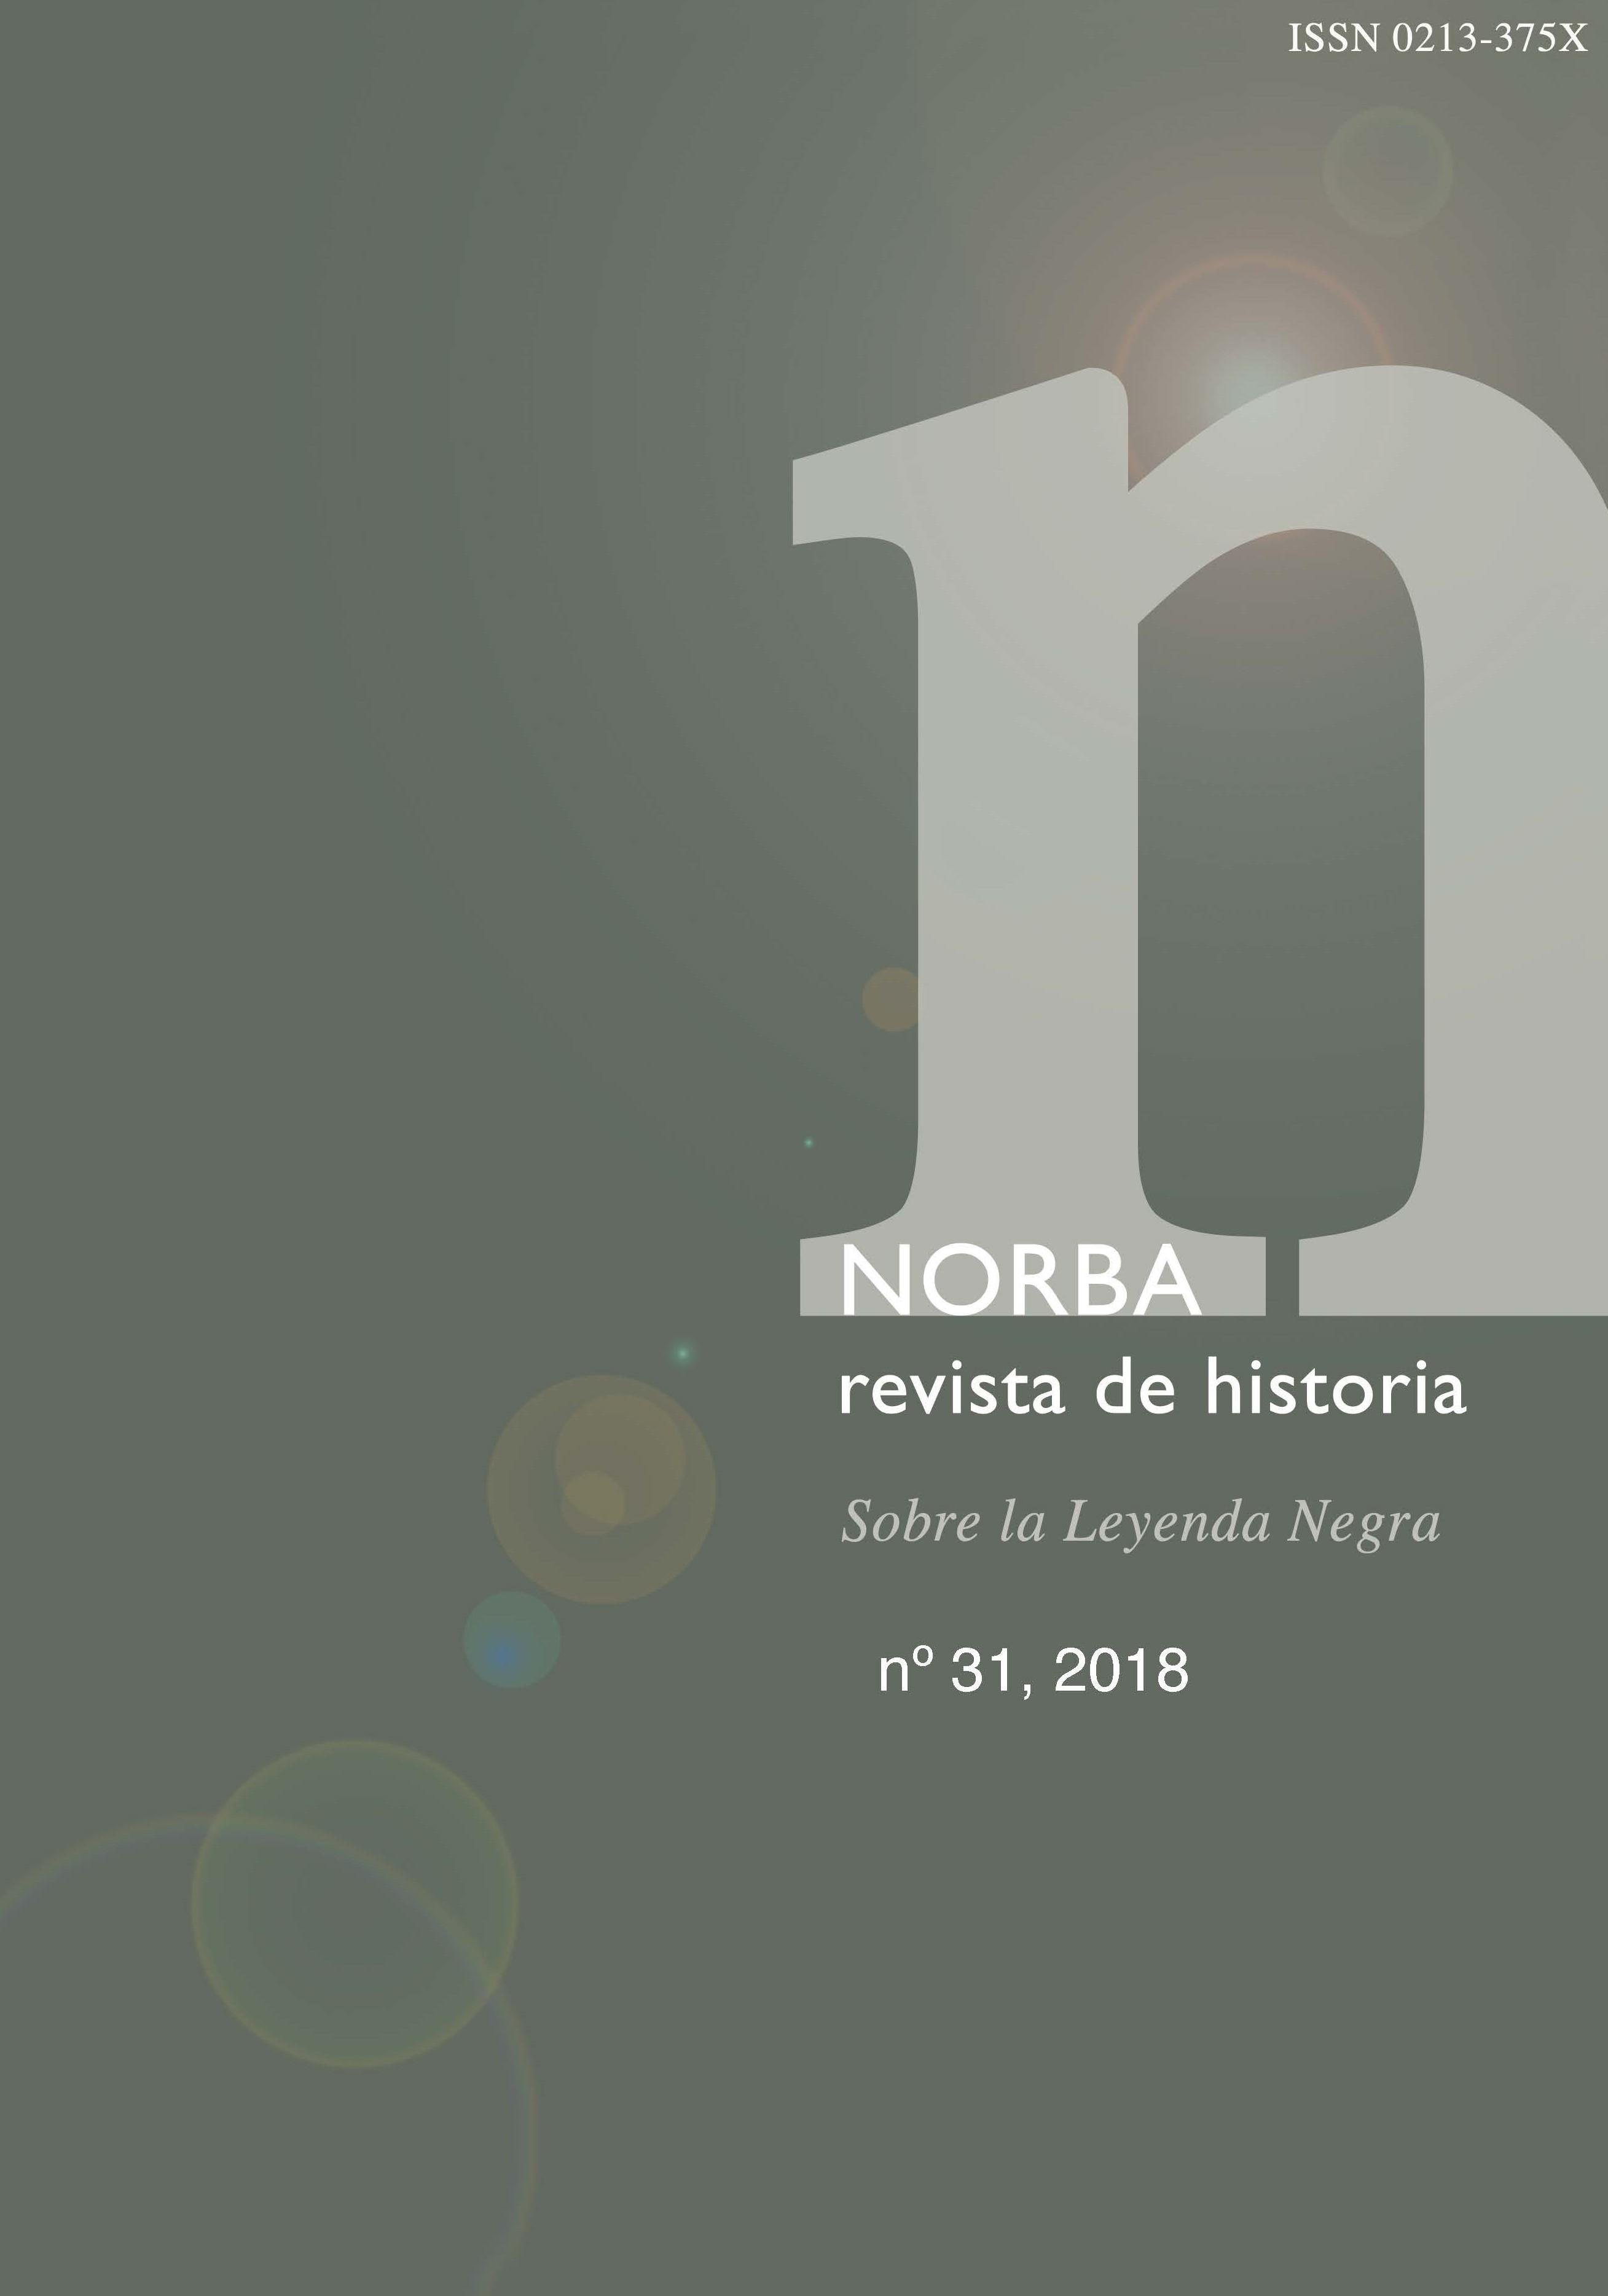 Norba. Revista de Historia